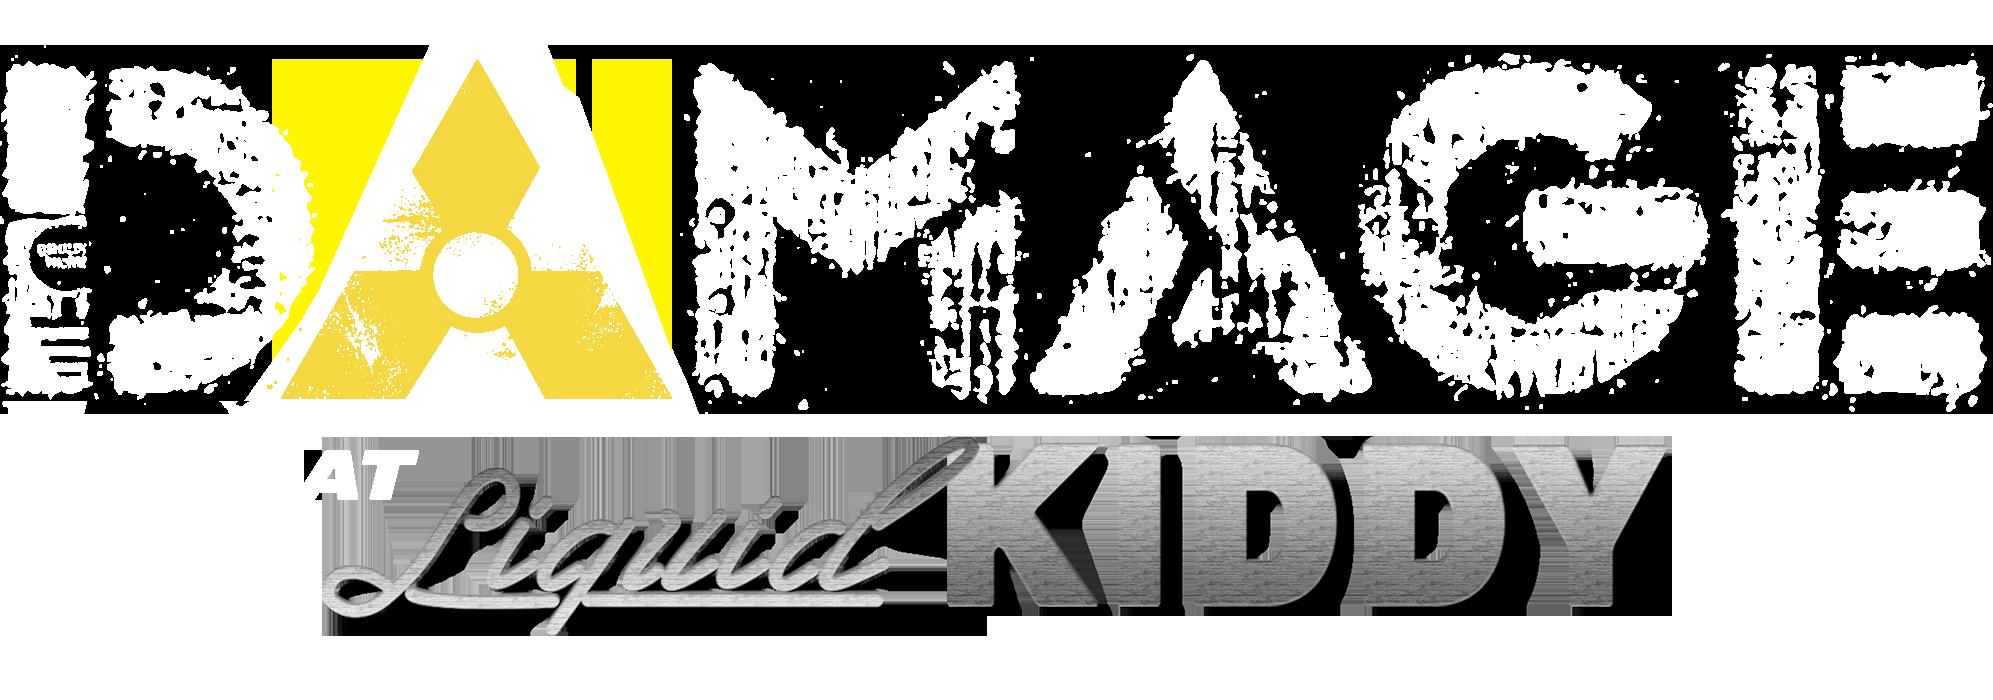 damage-logo-liquidkiddy